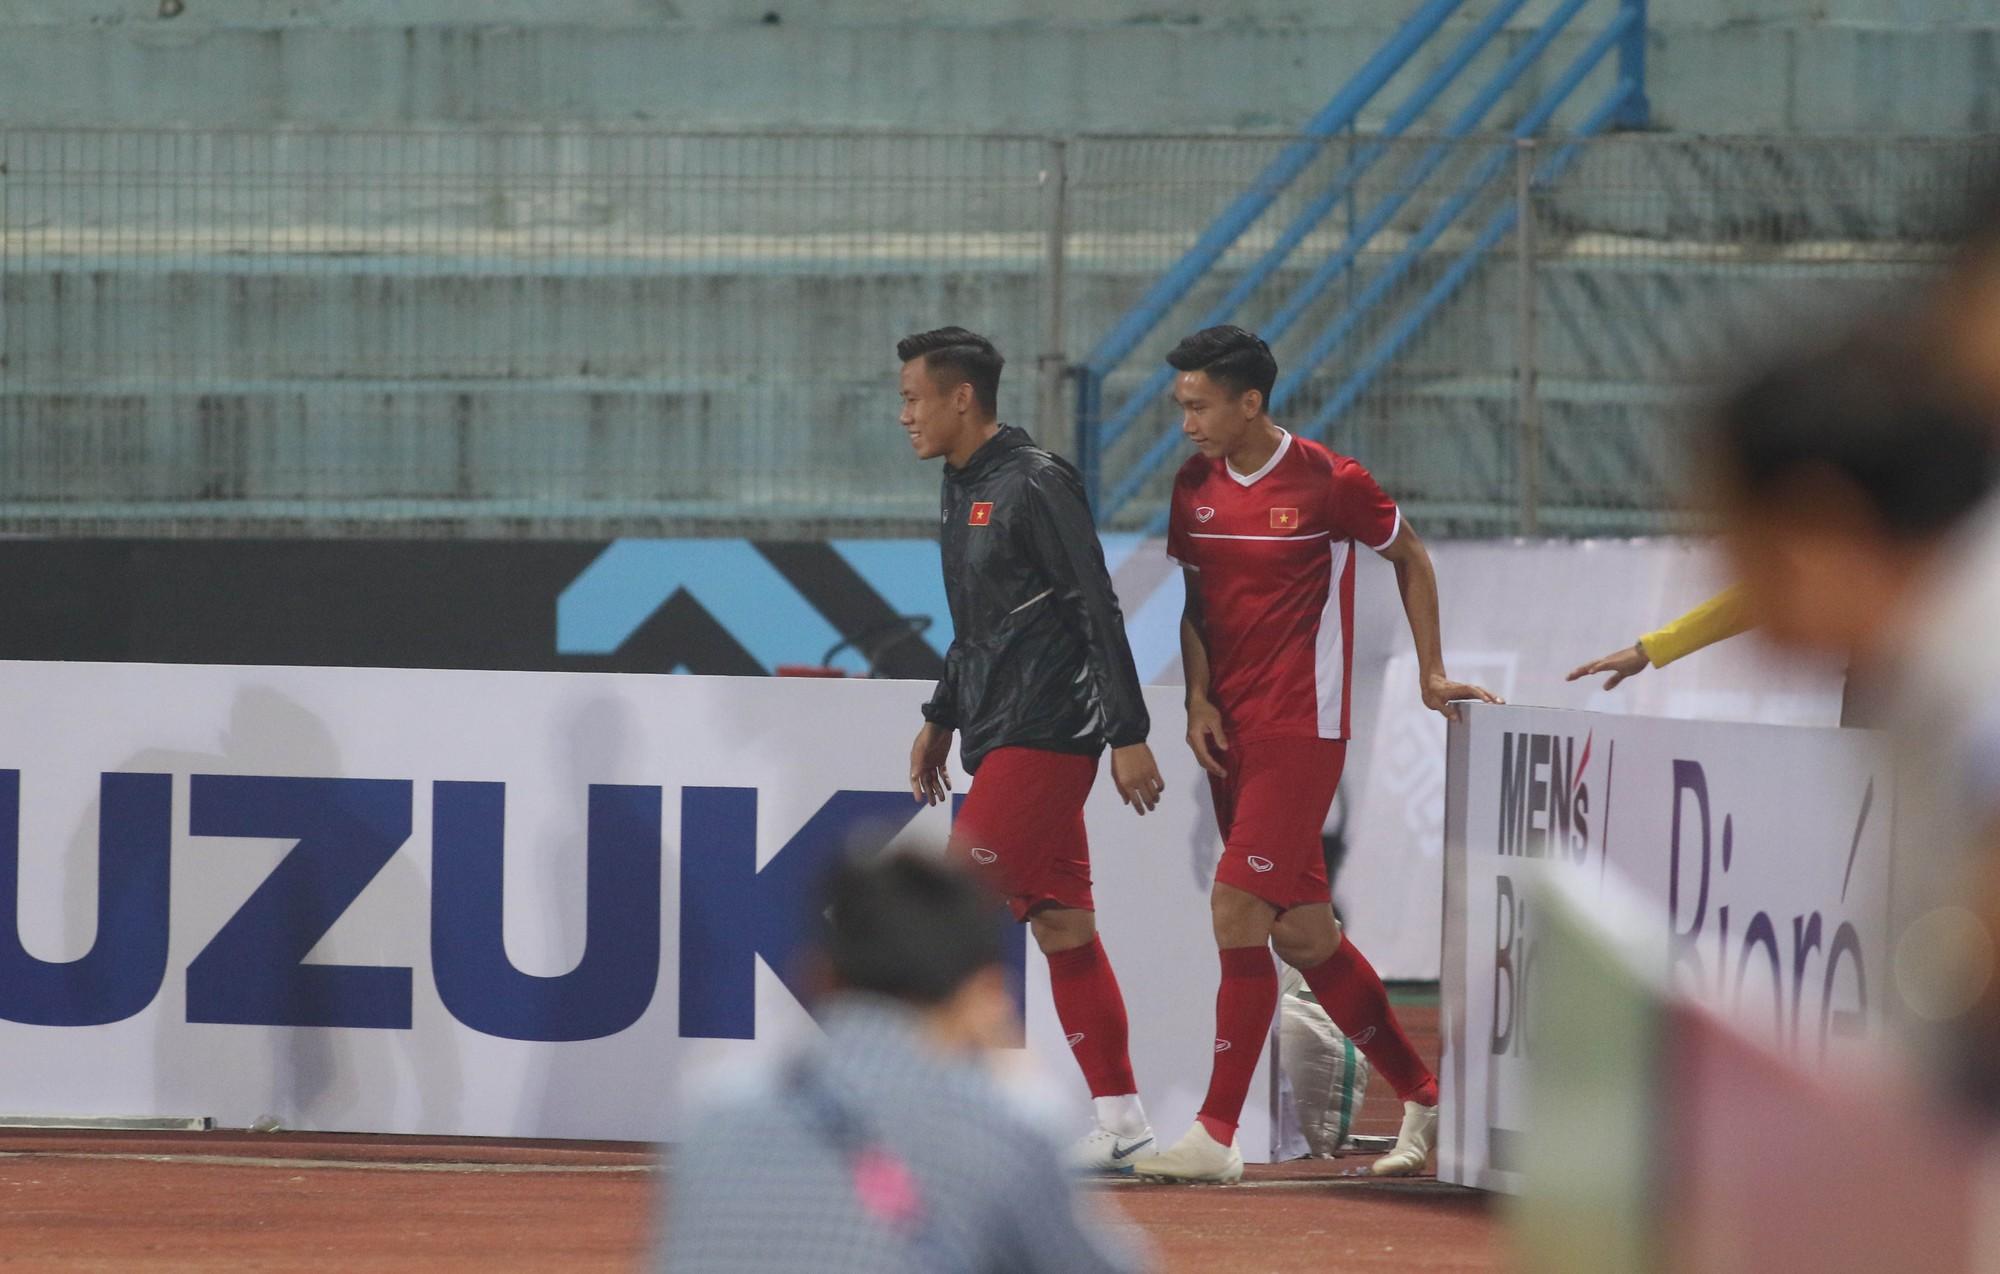 HLV Park Hang Seo cấm cầu thủ vượt rào trước trận gặp Campuchia - Ảnh 2.